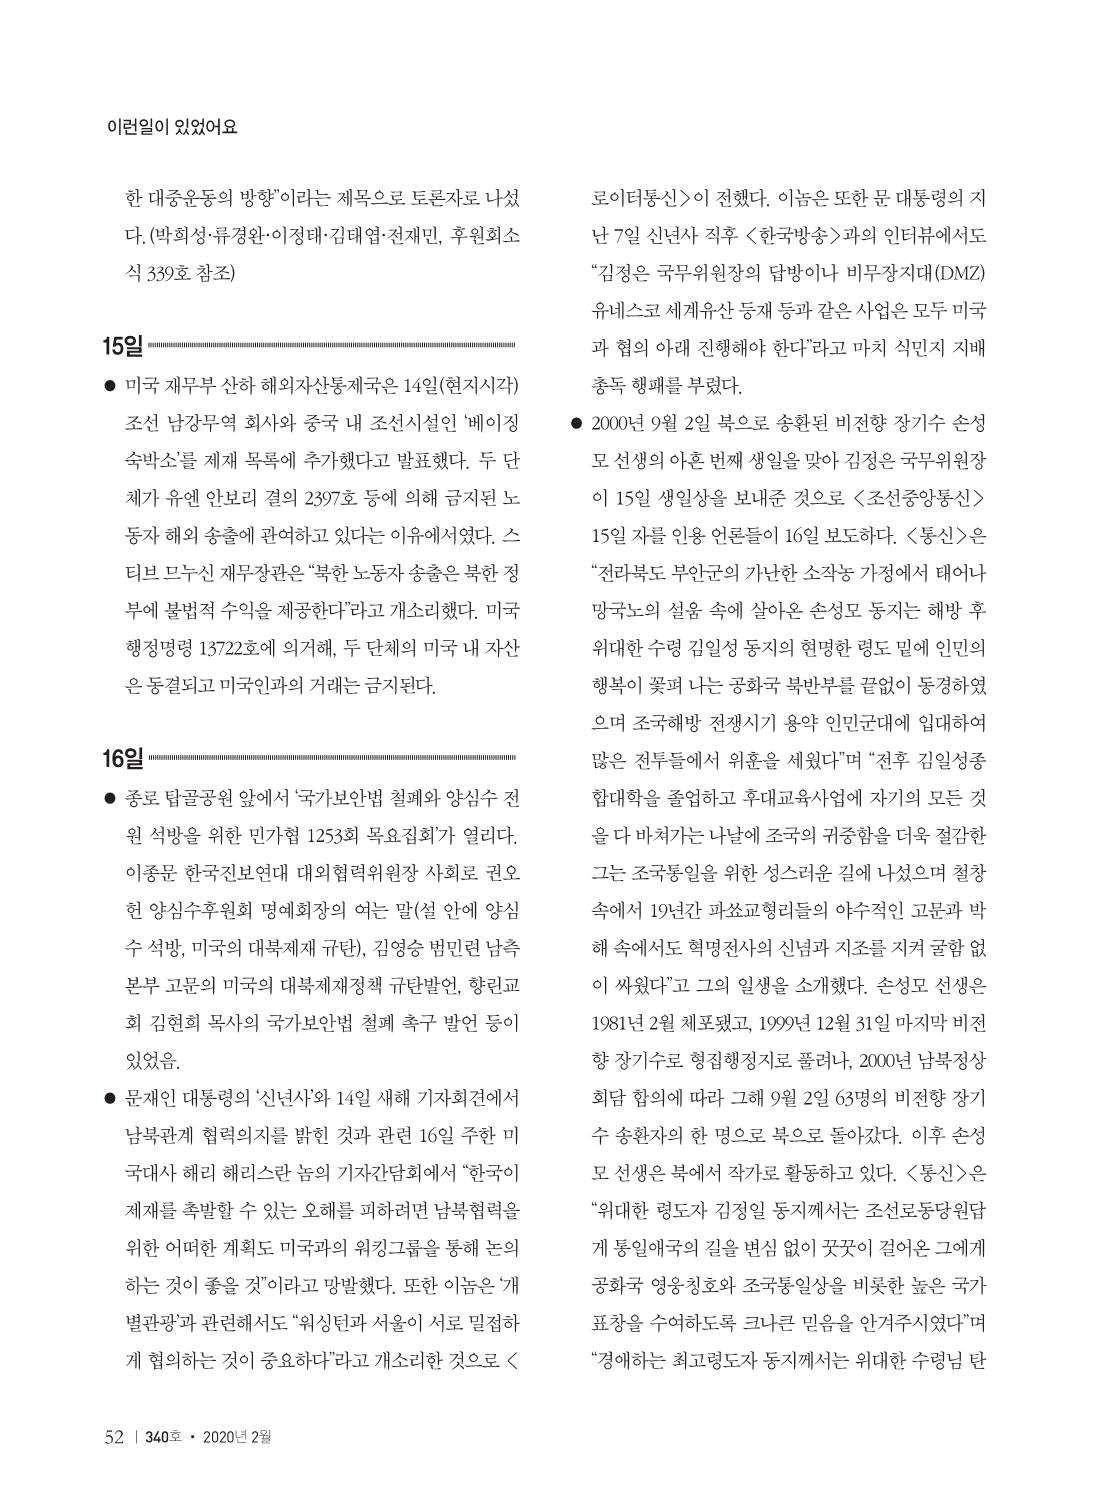 c3a550e7-2d95-46c0-bdec-64c56104ebf4.pdf-0054.png